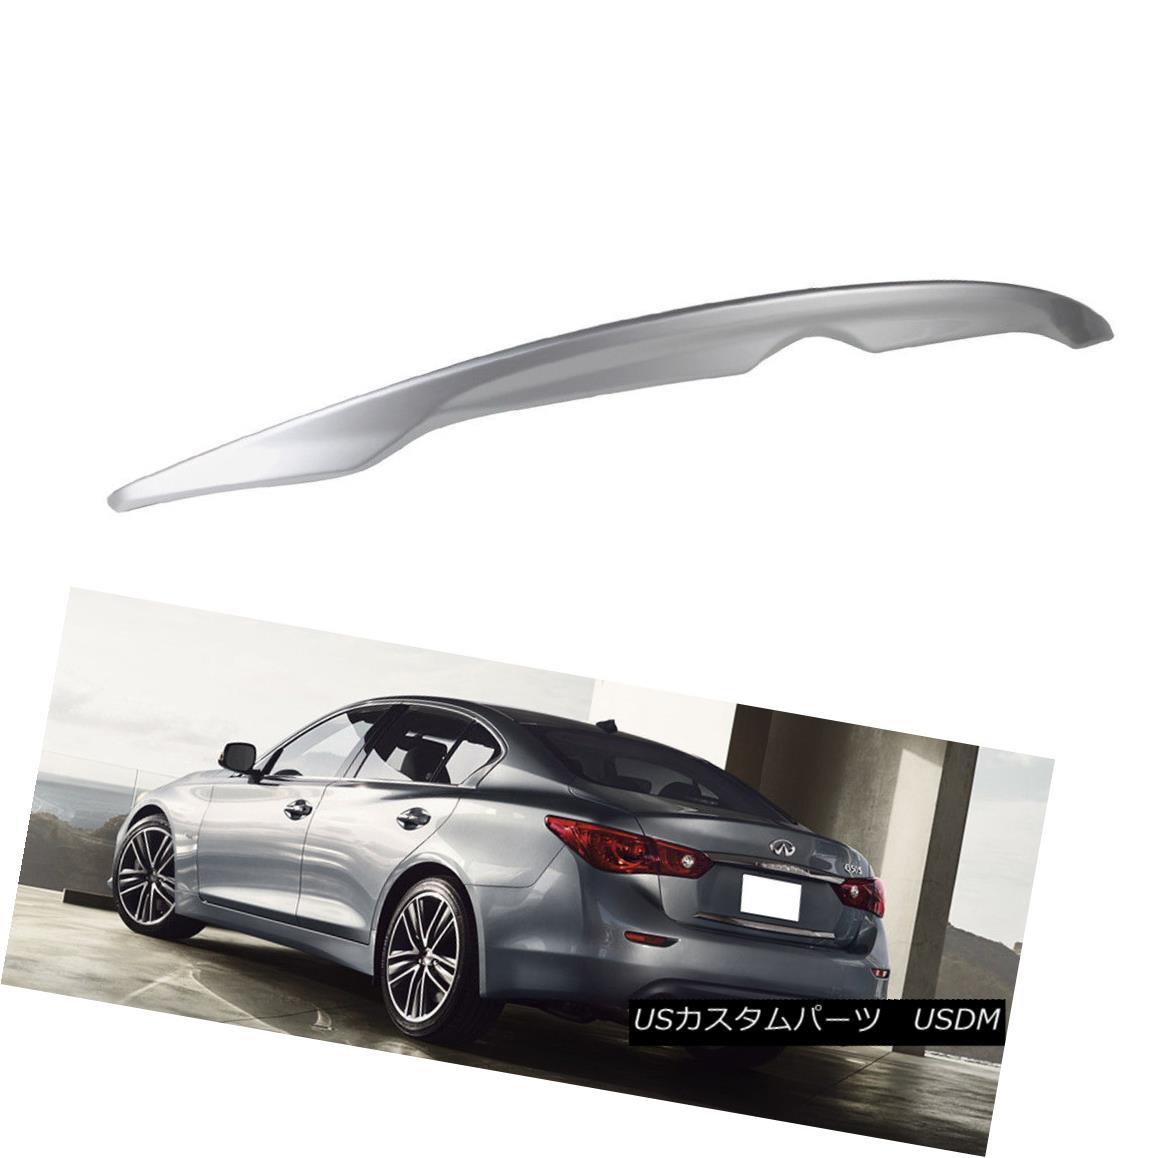 エアロパーツ ABS Paint #K23 For INFINITI Q50 OE Type Rear Trunk Boot Spoiler 4DR Sedan Sport ABSペイント#K23 INFINITI Q50 OEタイプ用リアトランクブーツスポイラー4DRセダンスポーツ